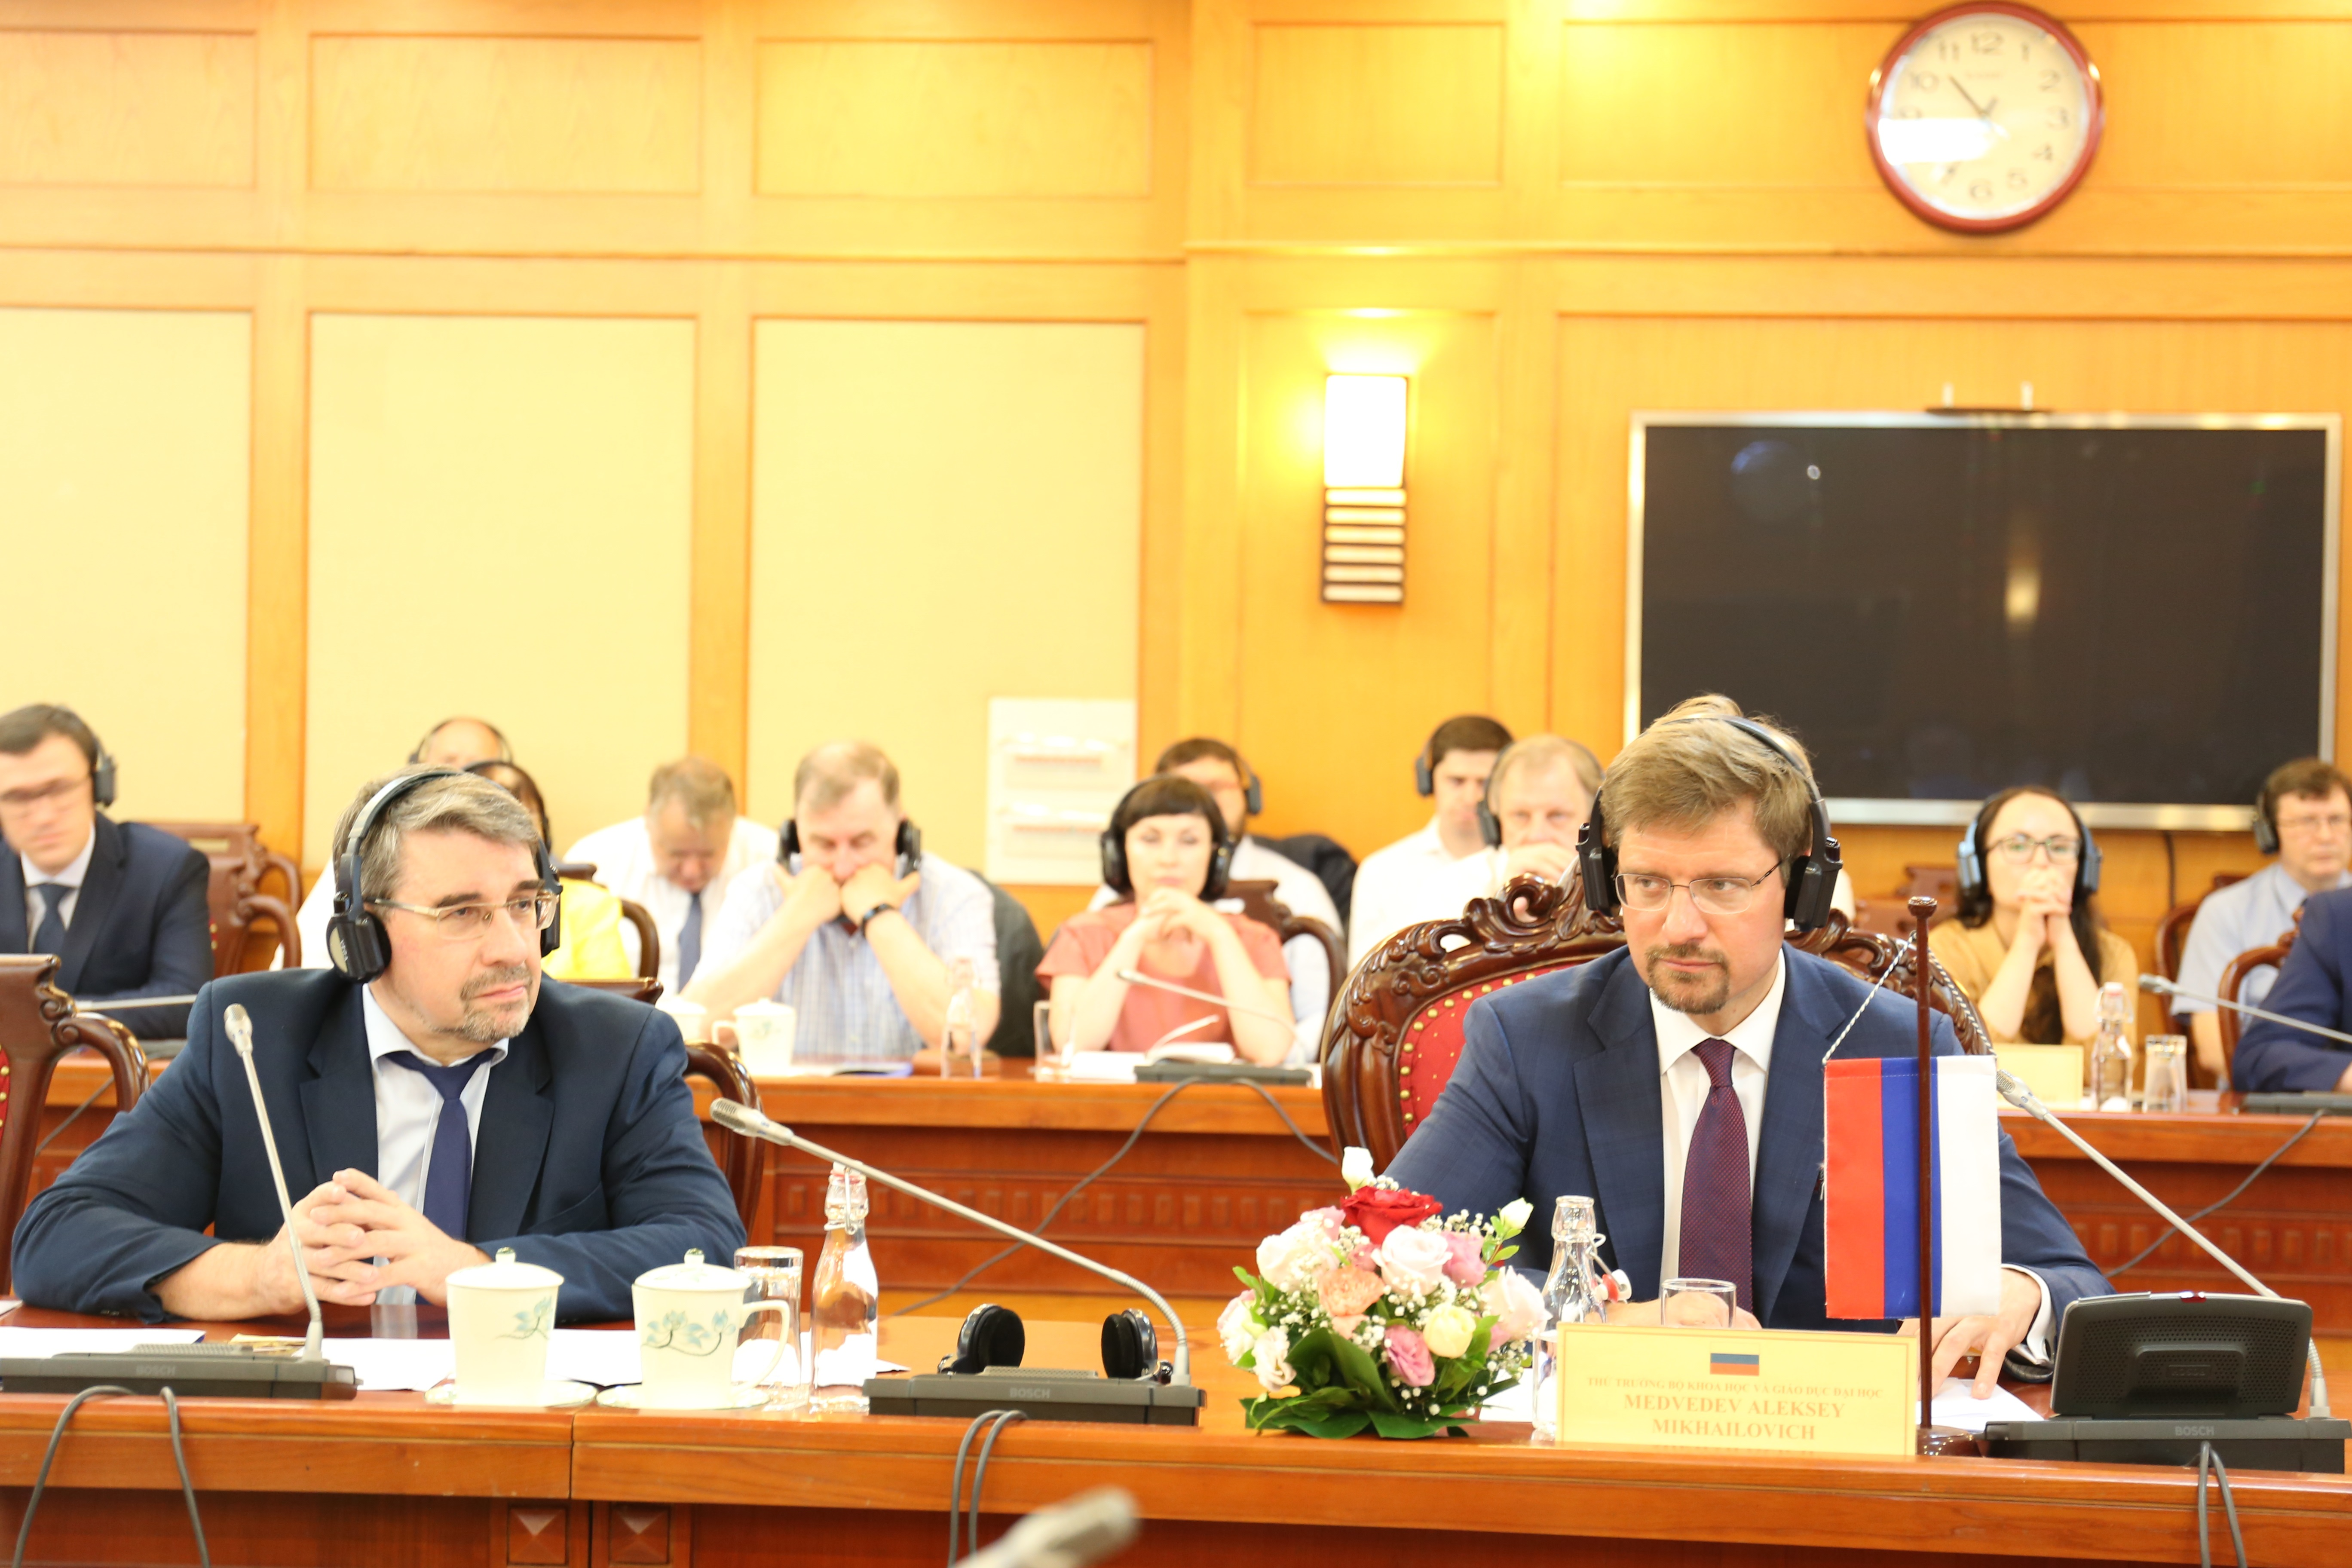 Thứ trưởng Bộ Khoa học và Giáo dục đại học A.M Medvedev (phải) và ông I.M Romanov, Vụ trưởng Vụ Chính sách KH&CN tại khóa họp.